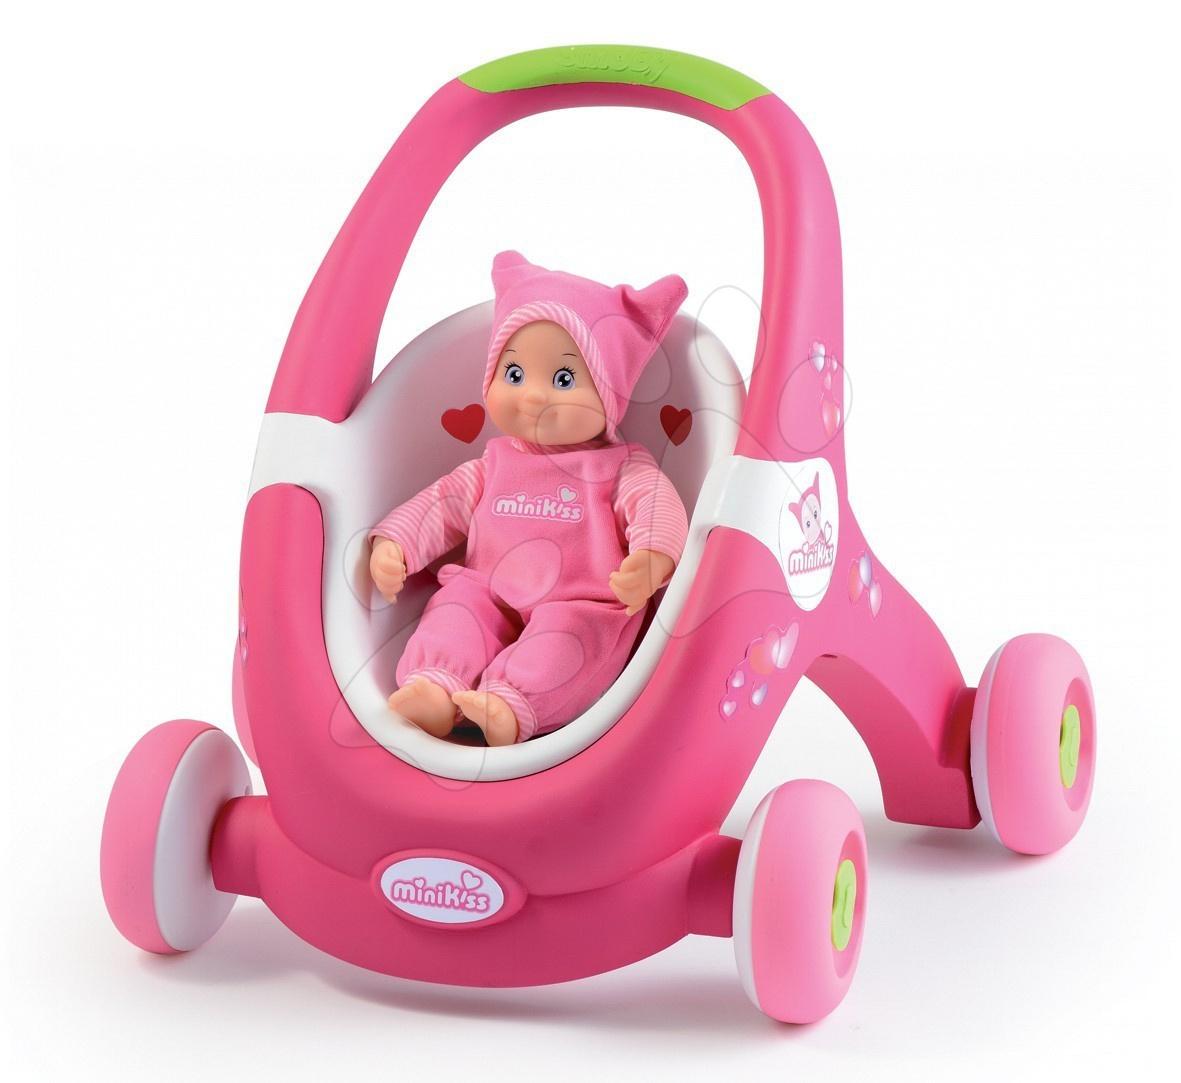 Dětské chodítko a kočárek pro panenku 2v1 MiniKiss Smoby s brzdou od 12 měsíců